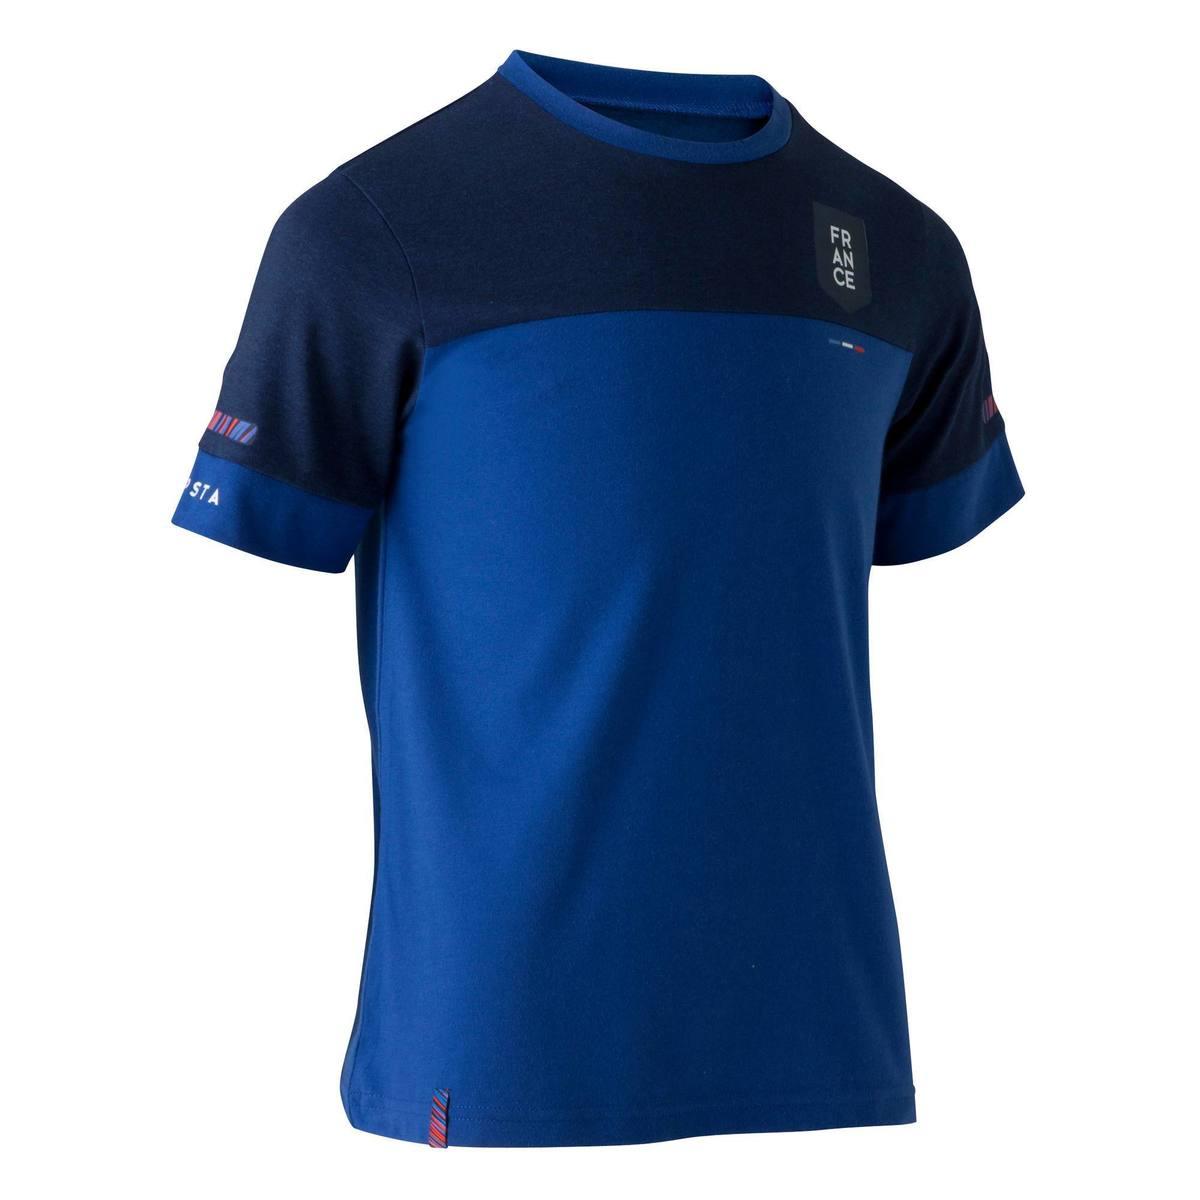 Bild 1 von Fußballshirt FF100 Frankreich Kinder blau